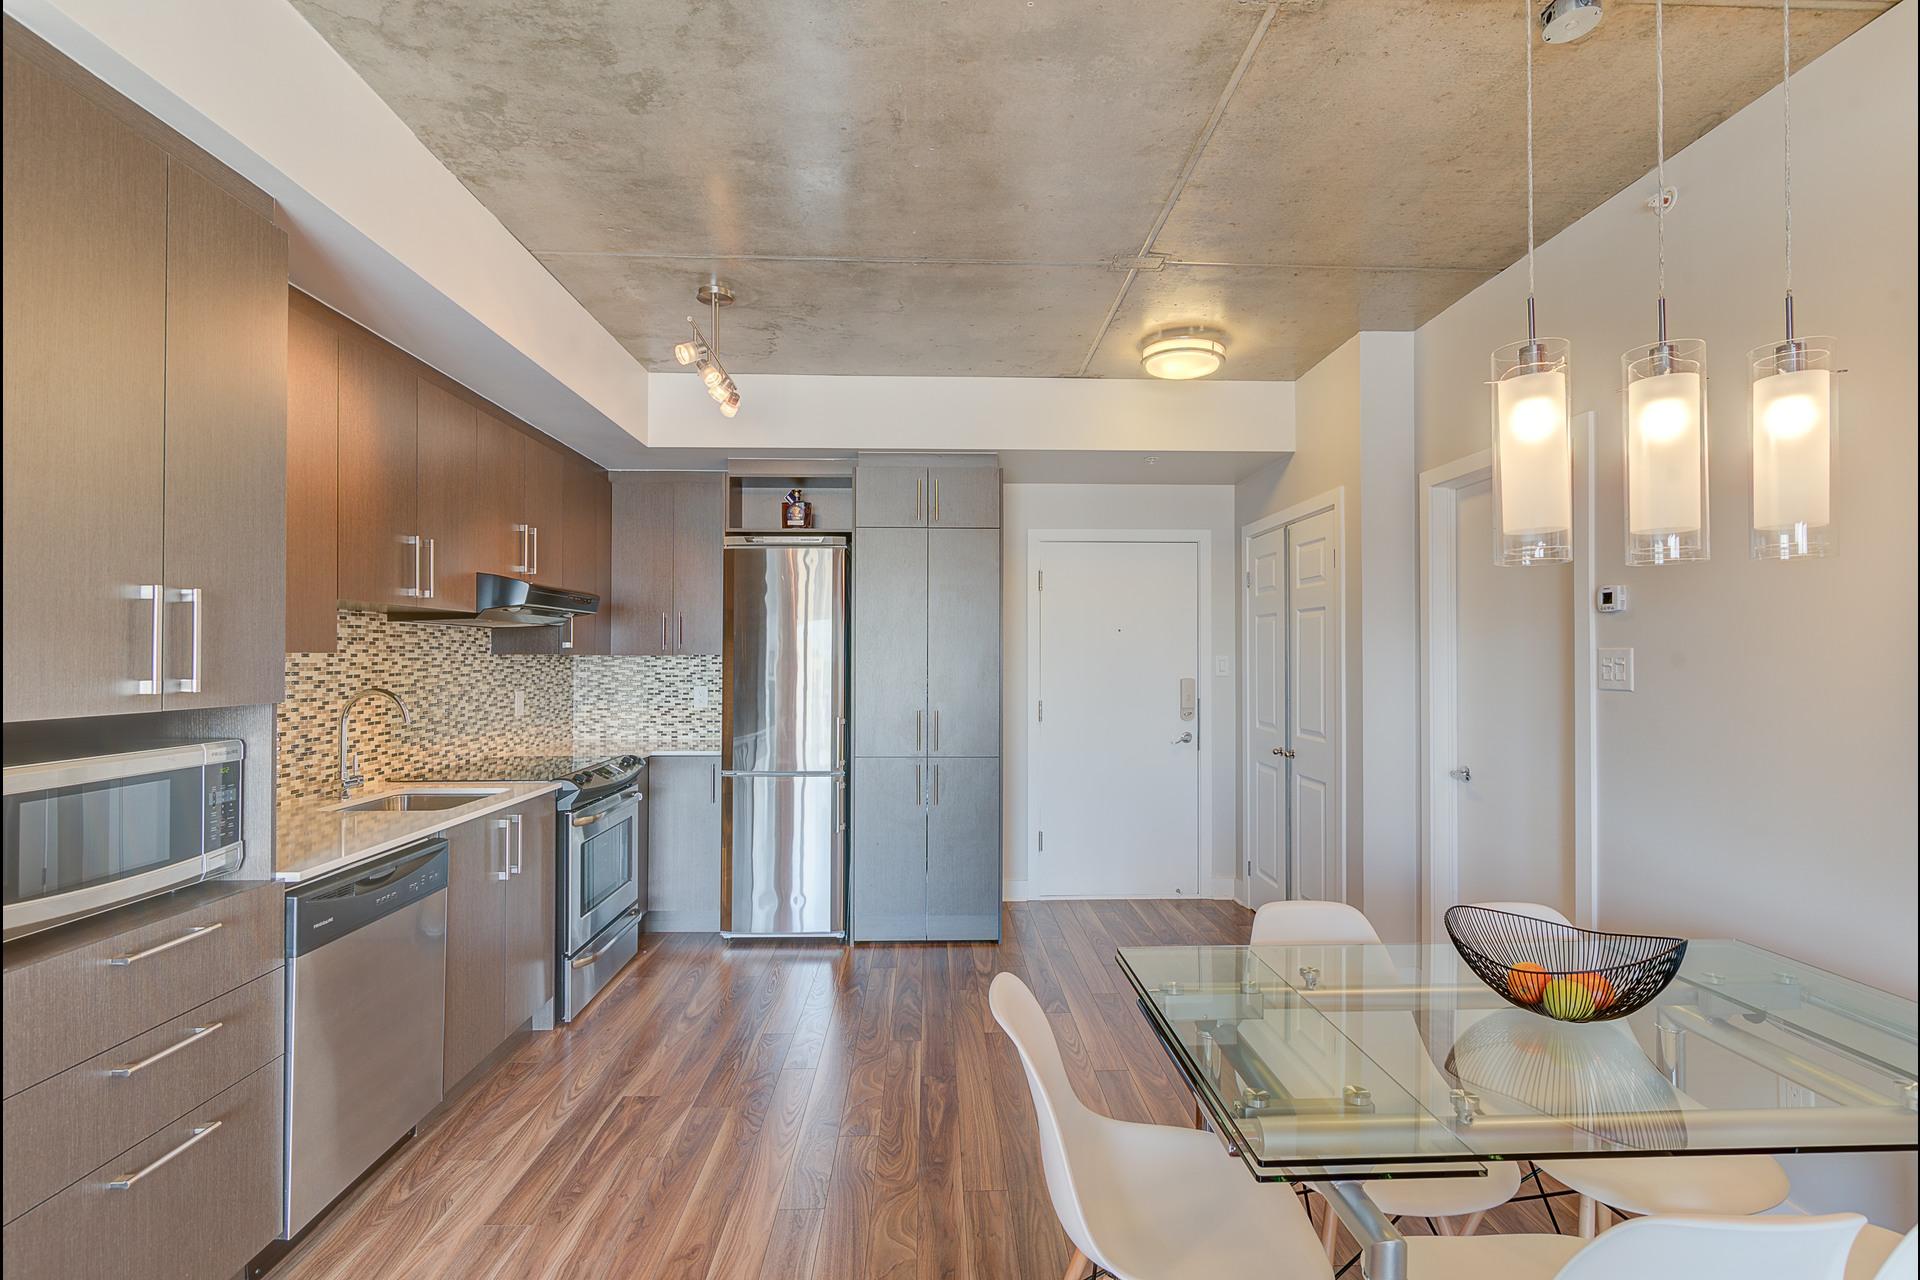 image 9 - MX - Condominio vertical - MX Para alquiler Montréal - 3 habitaciones